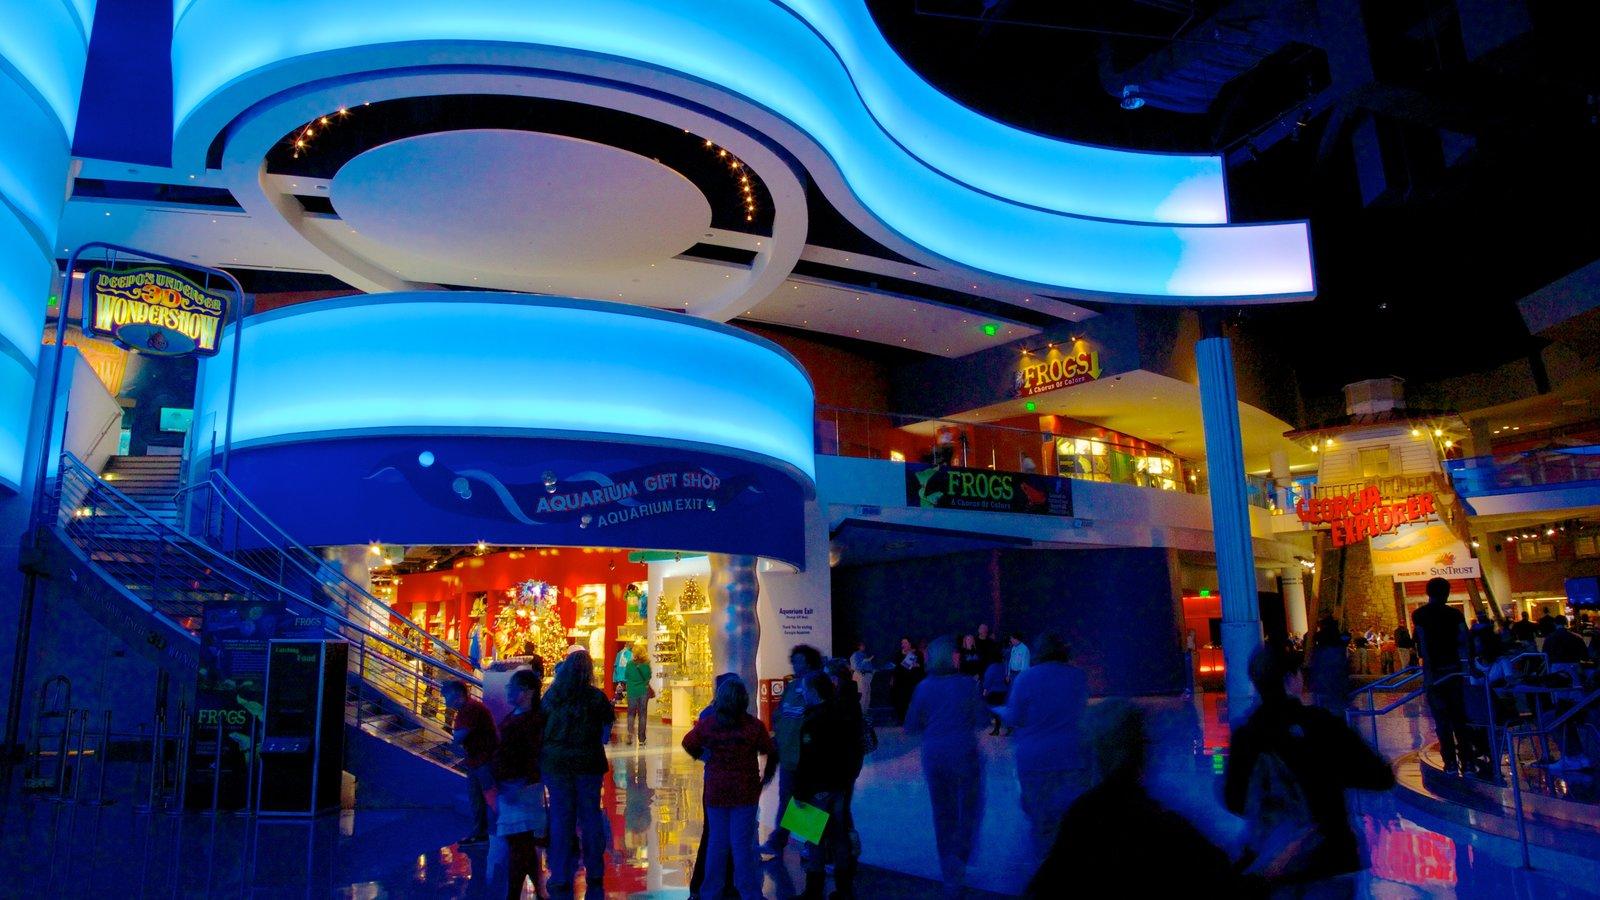 Georgia Aquarium caracterizando vida marinha, arquitetura moderna e cenas noturnas